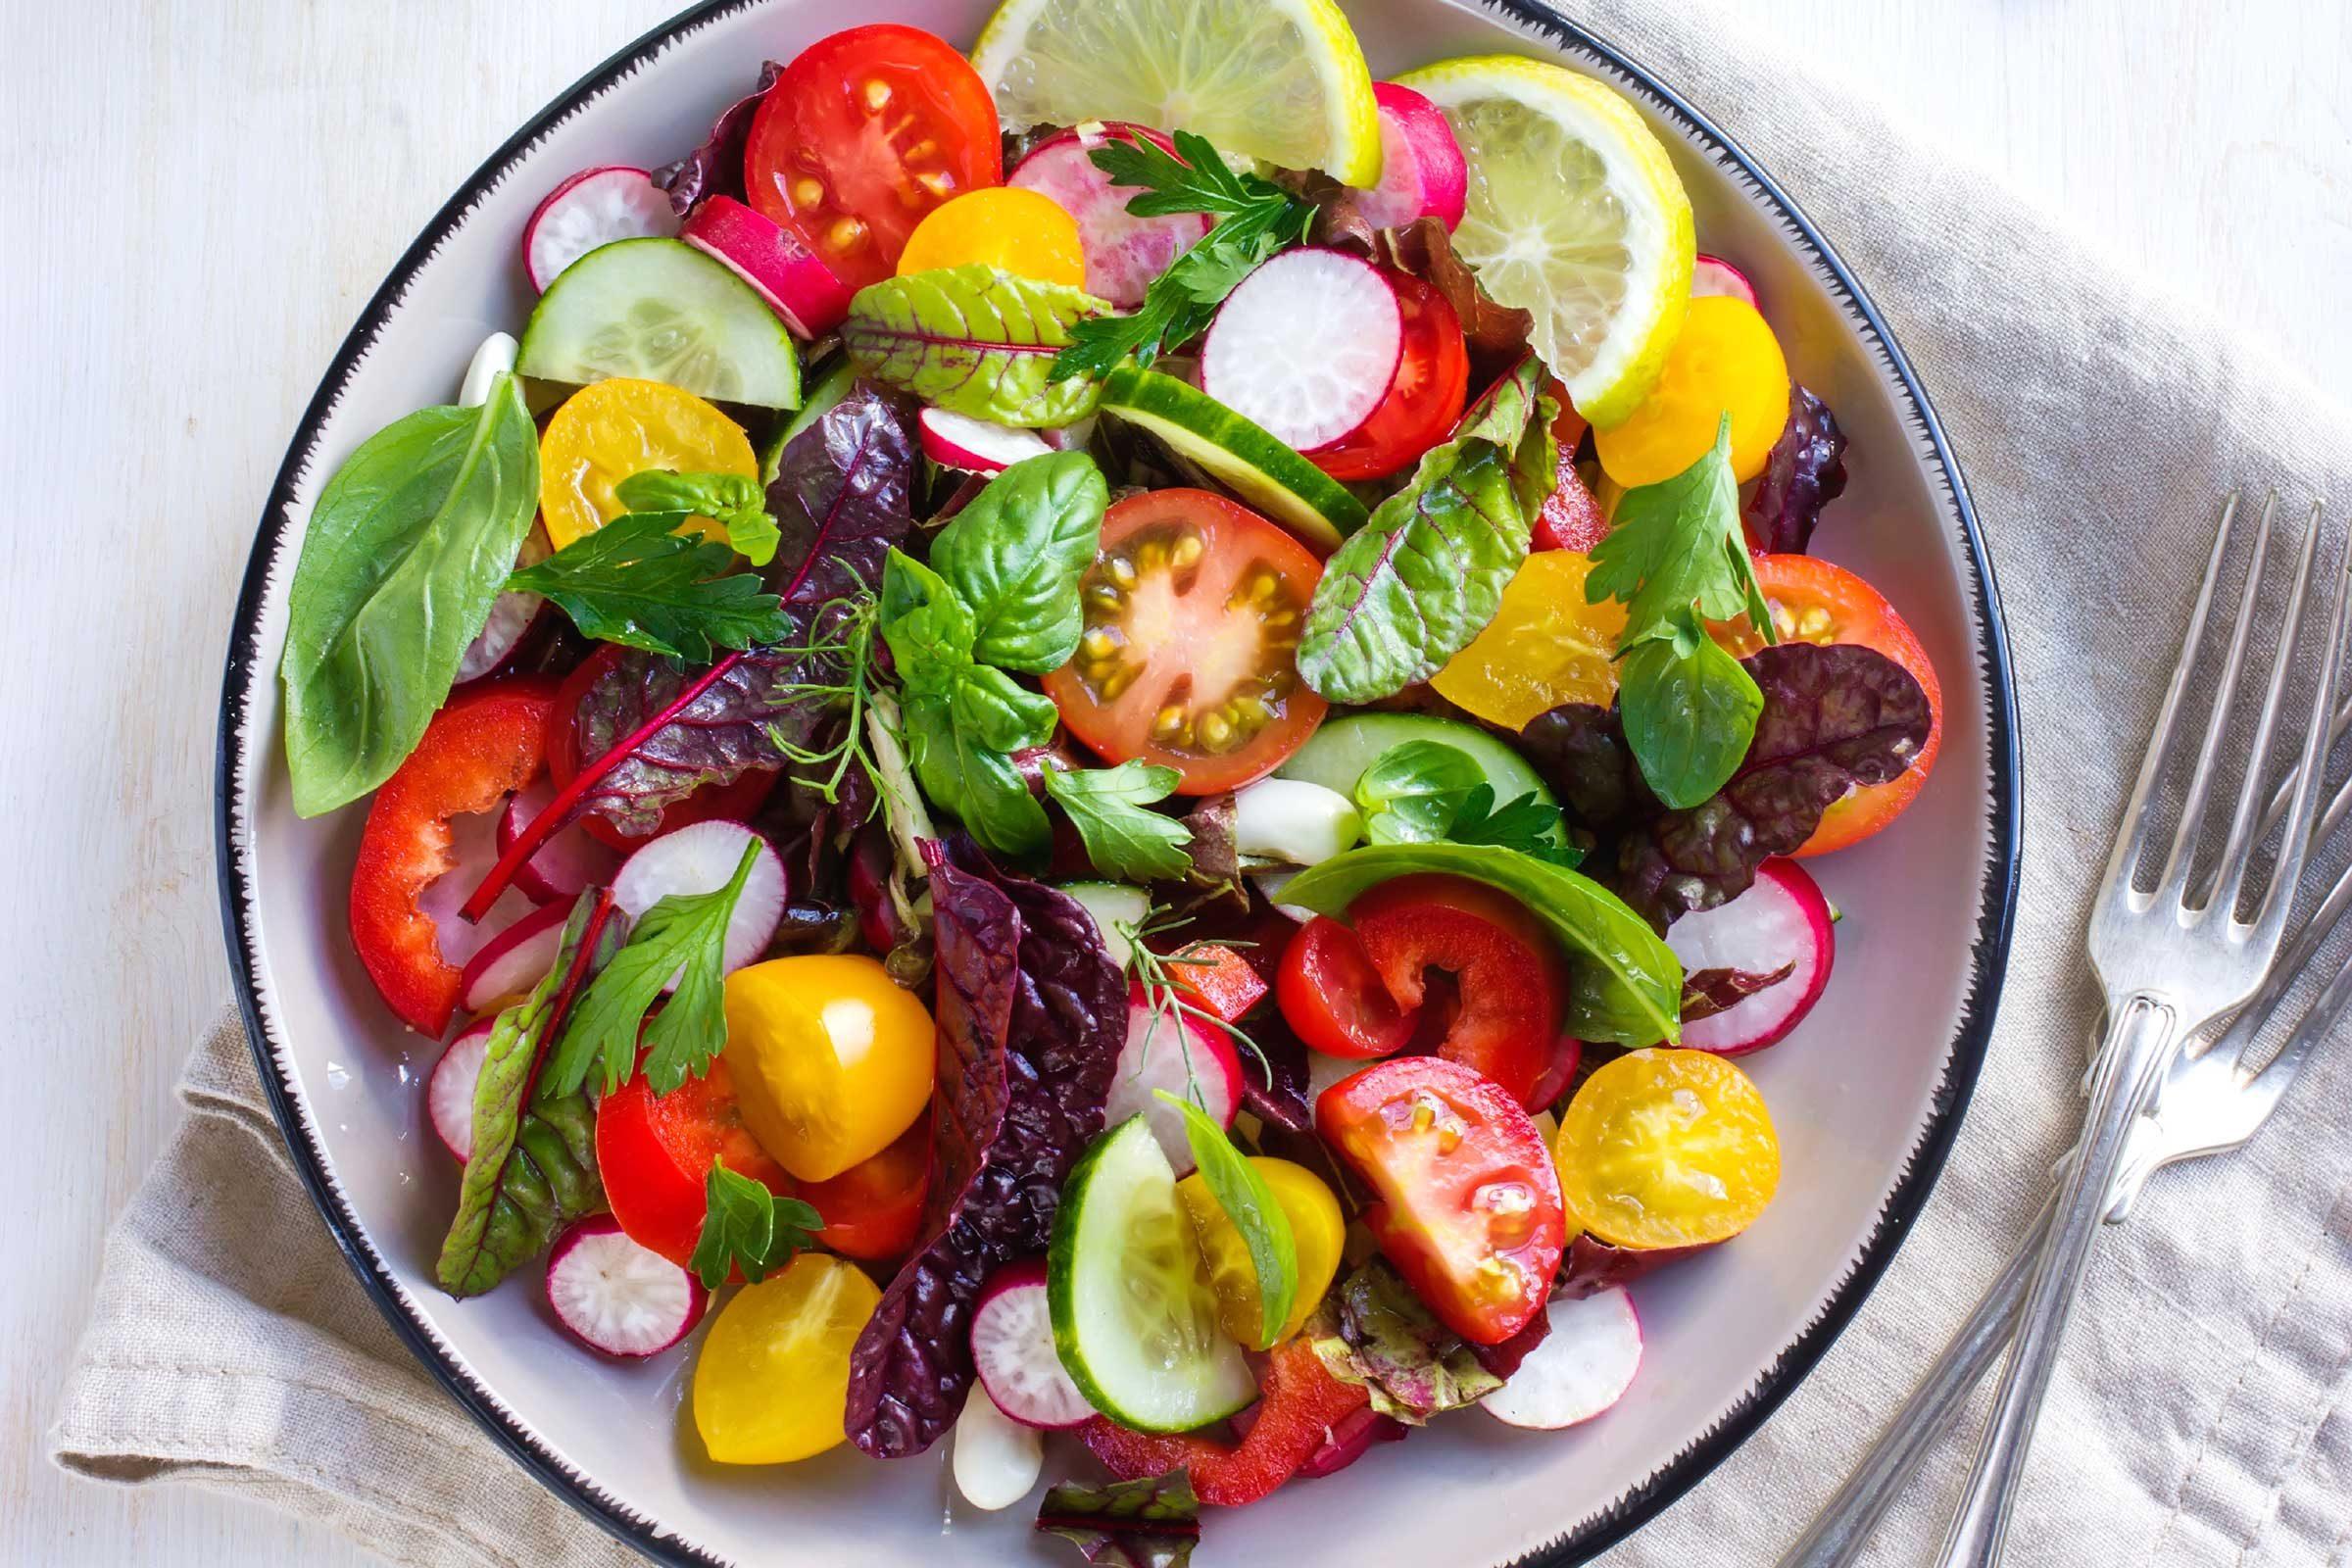 Image result for vegan food